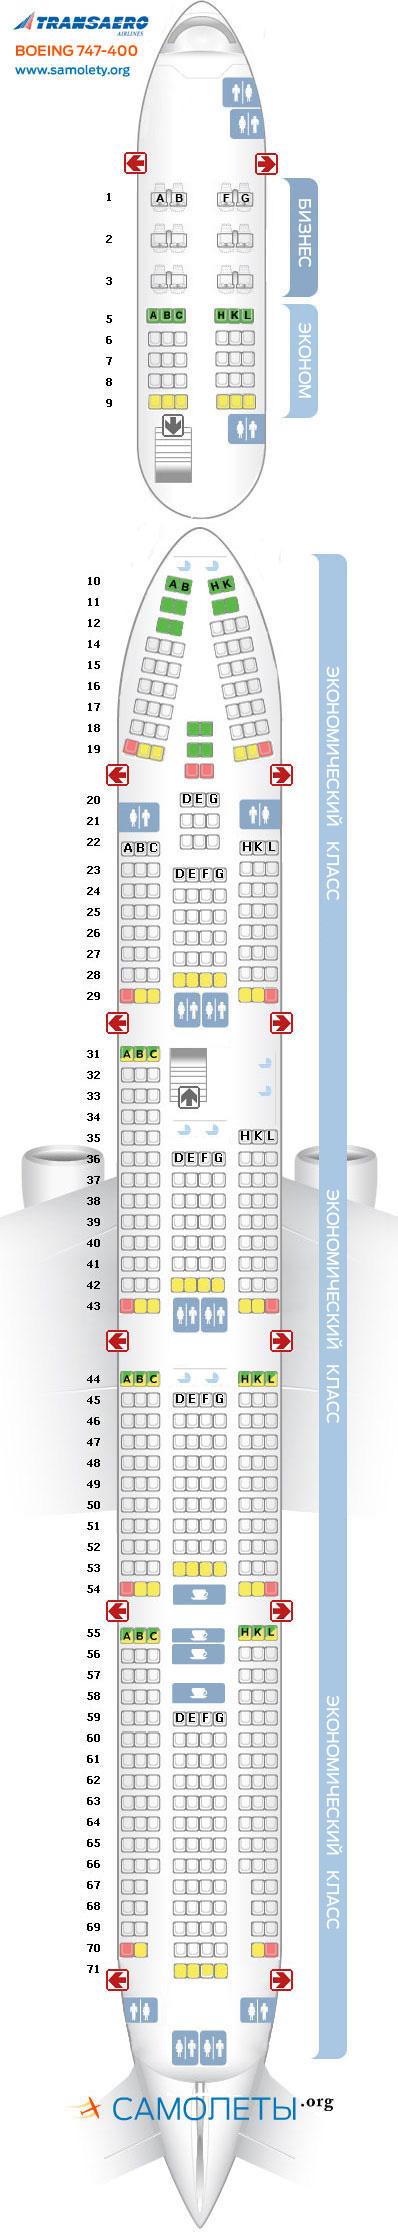 Схема салона 747-400 Трансаэро